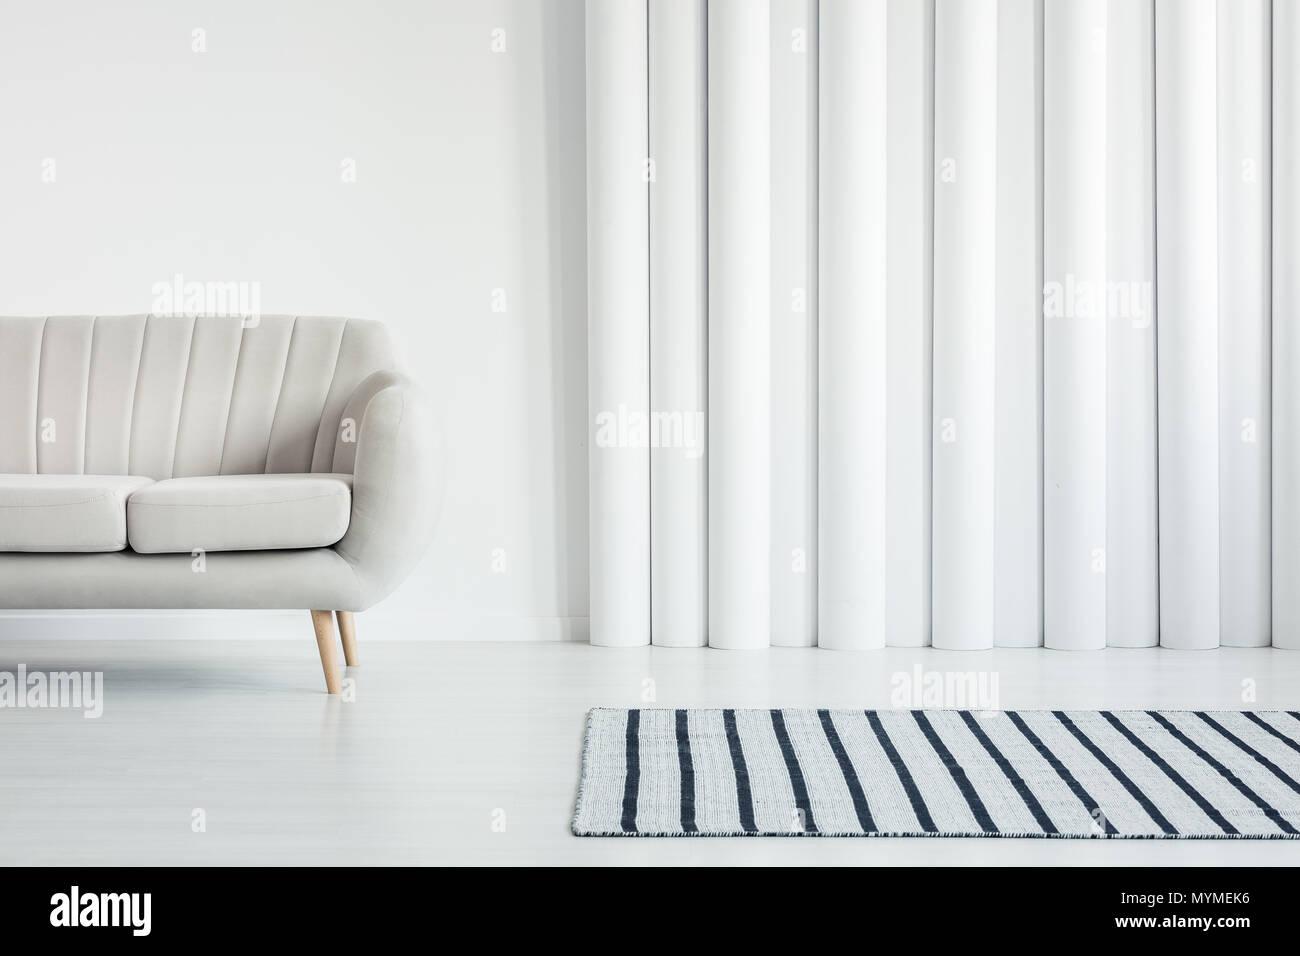 Beige Sofa In Weiß Wohnzimmer Einrichtung Mit Gestreiften Teppich Und Rohre  Wand Mit Kopie Raum